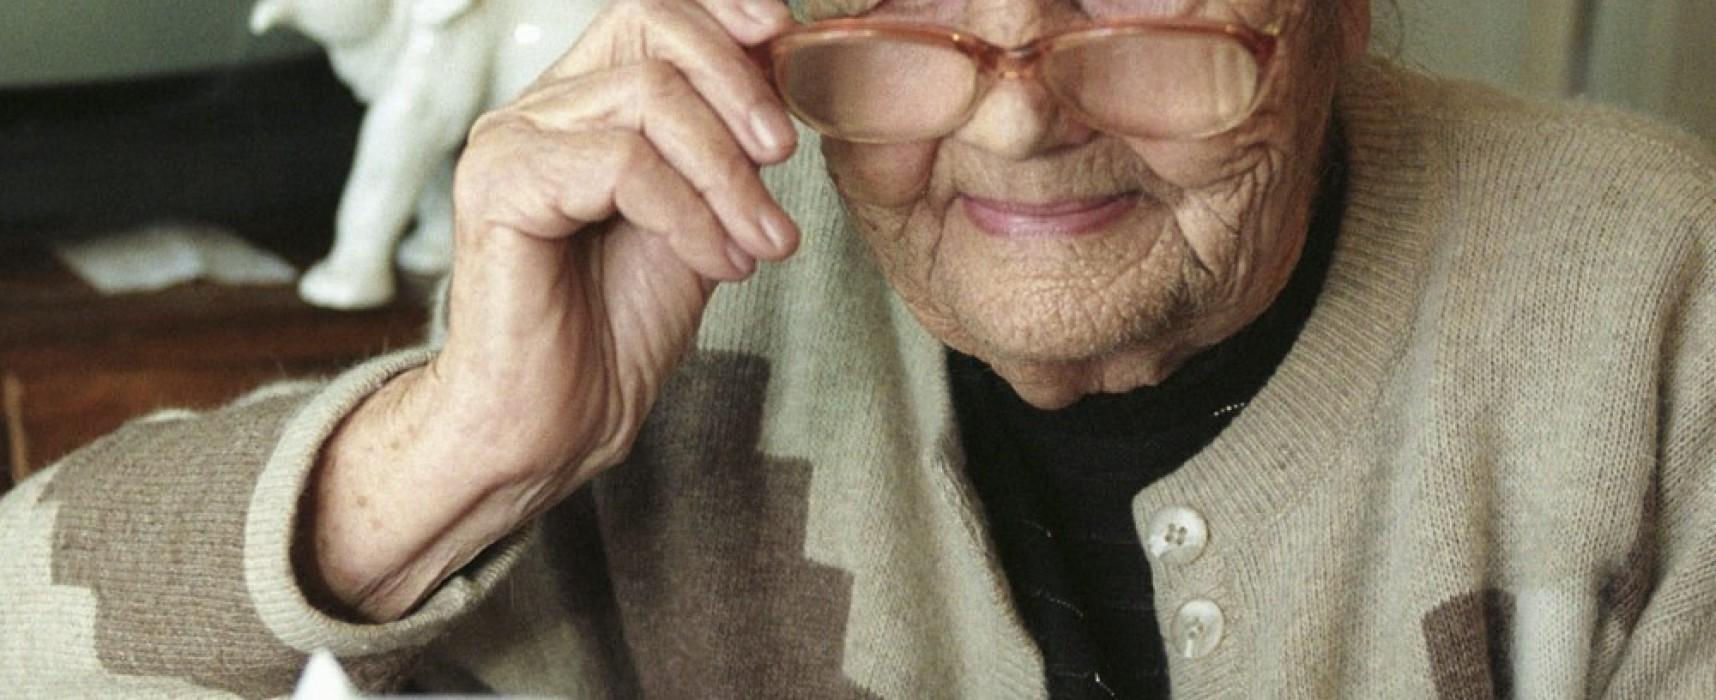 Как заполнить заявление о назначении пенсии по старости: структура и общие рекомендации